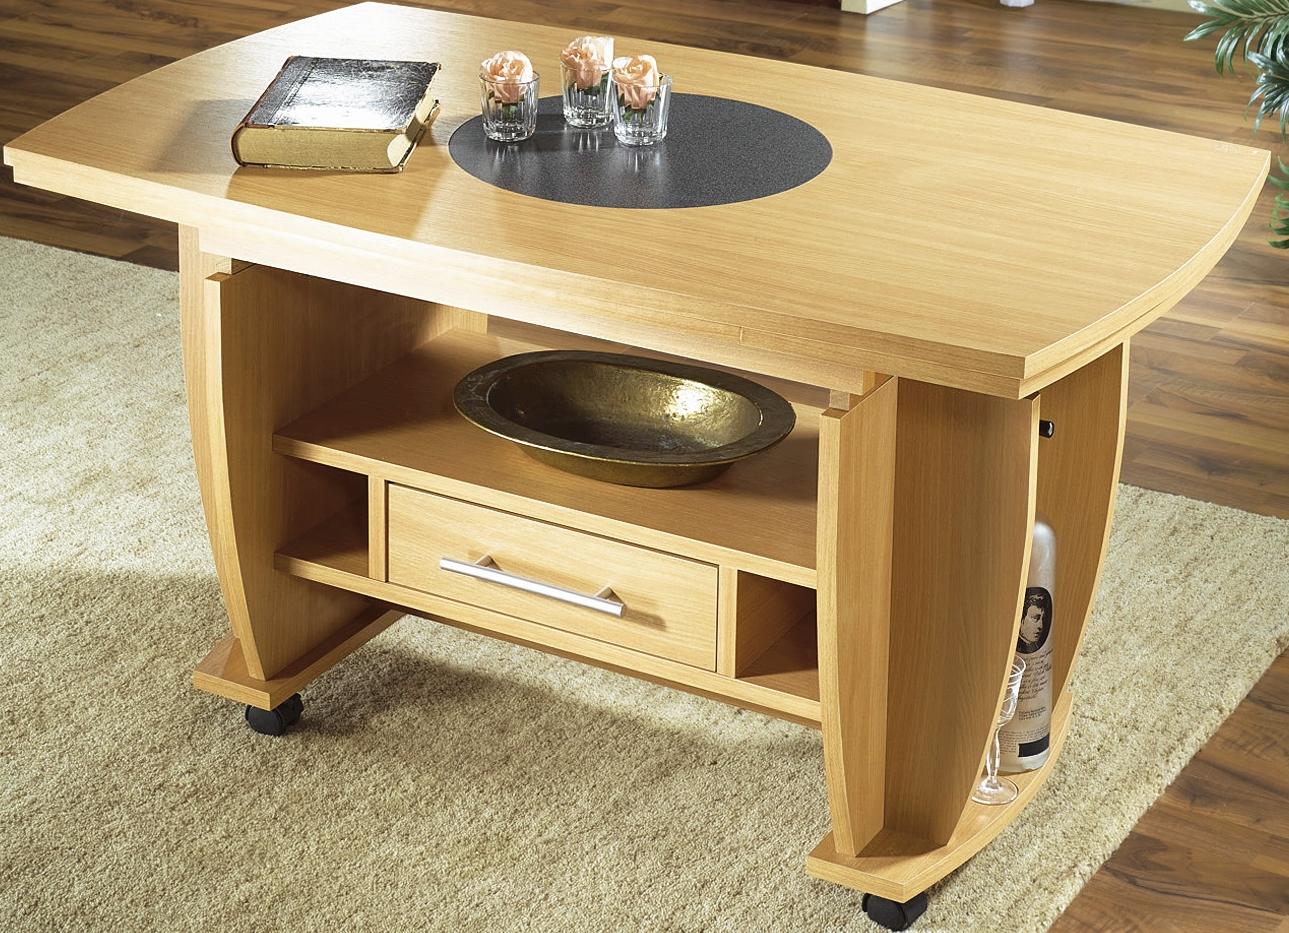 couchtisch in verschiedenen ausf hrungen tische bader. Black Bedroom Furniture Sets. Home Design Ideas